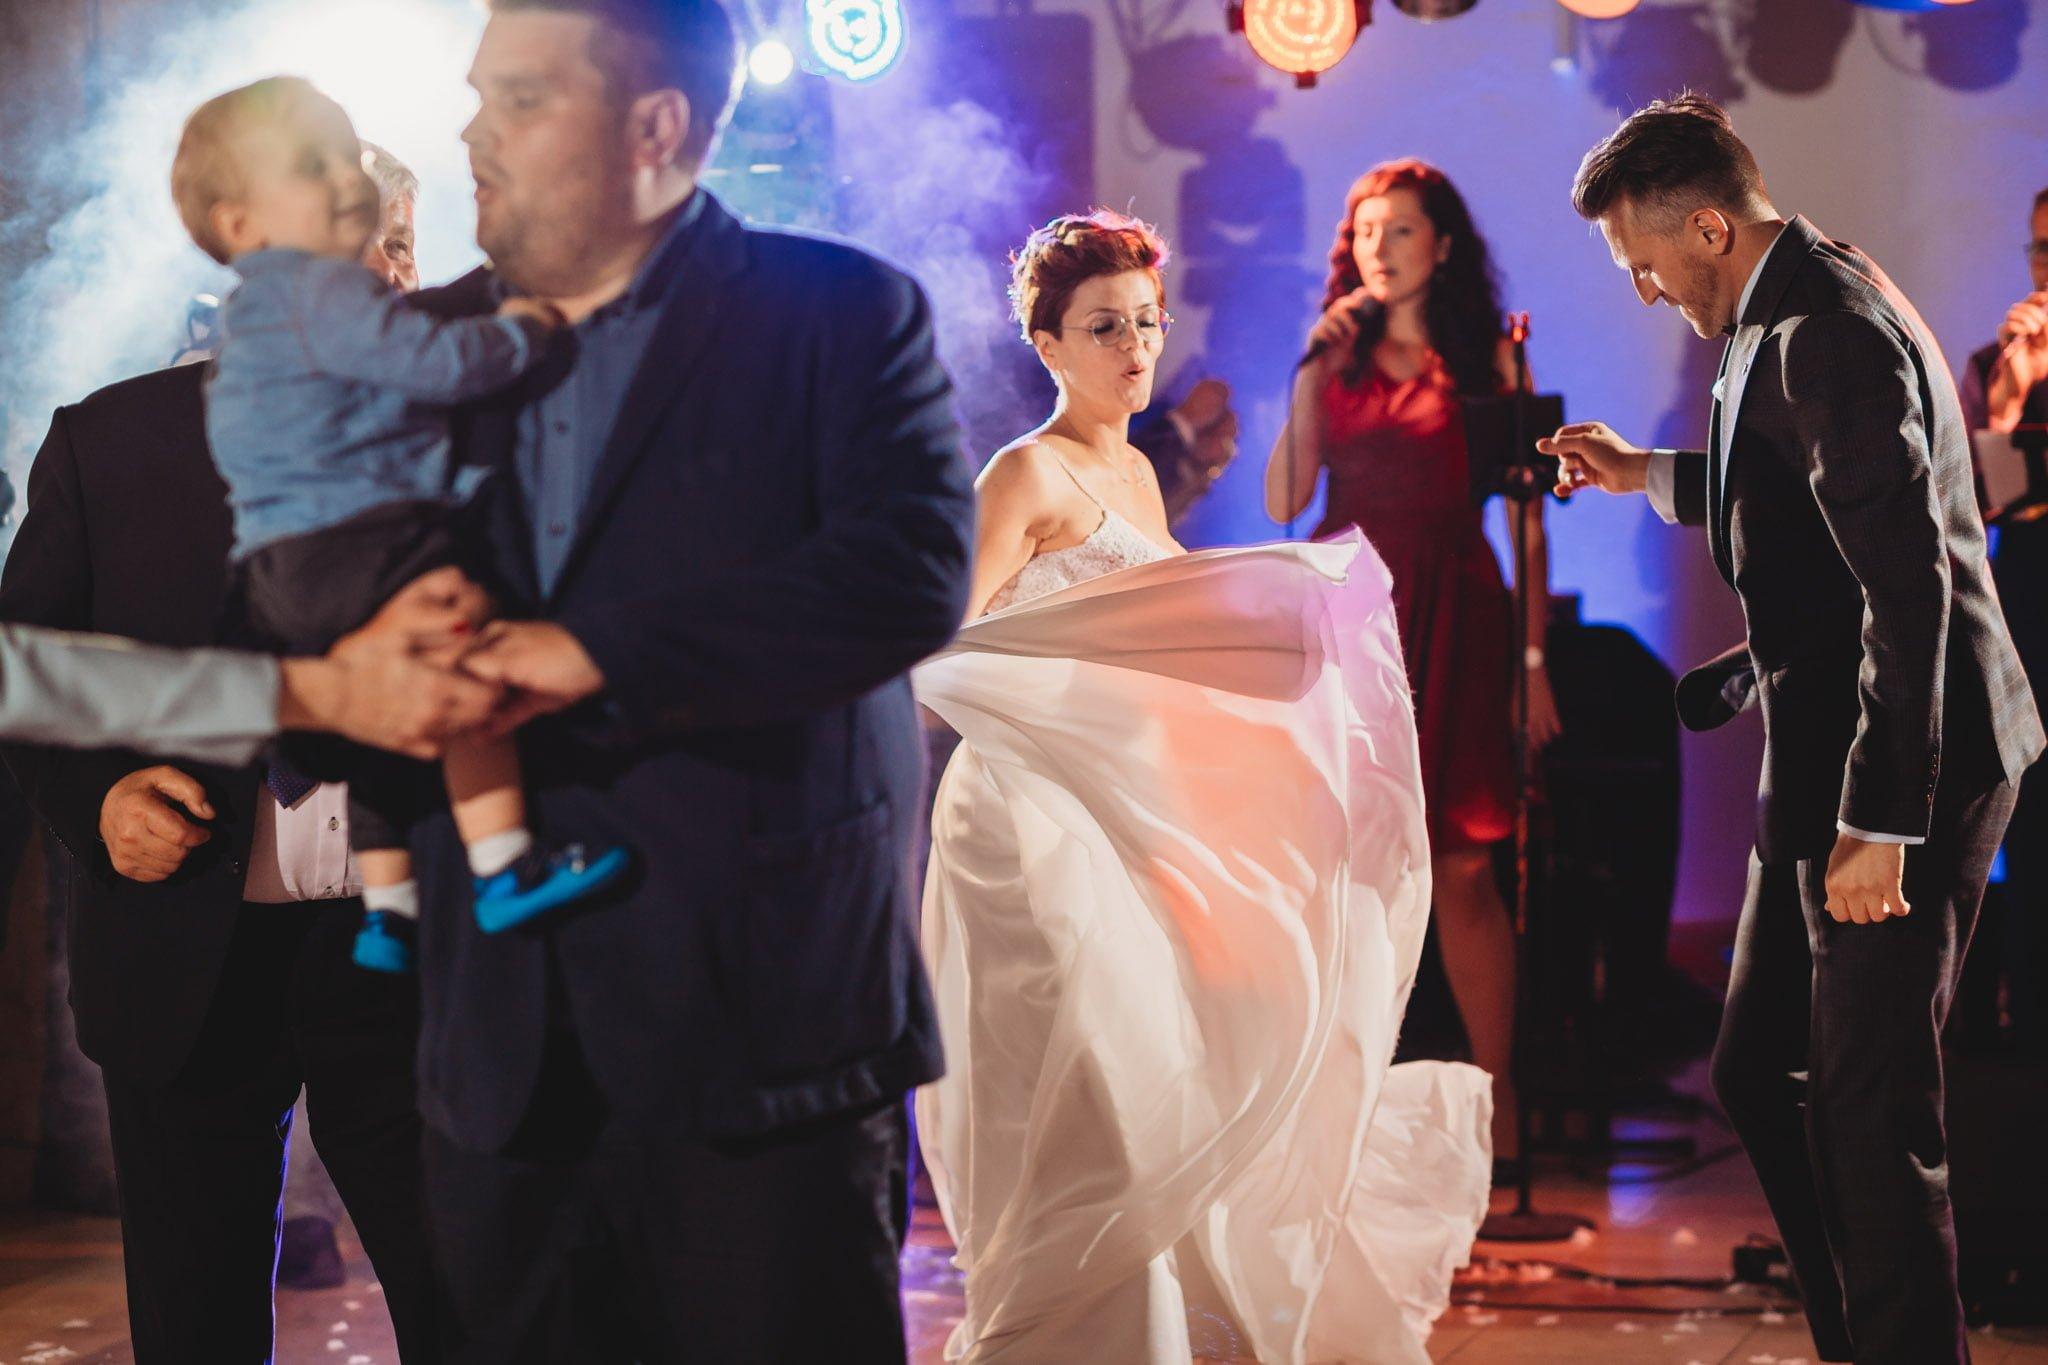 wspaniała impreza weselna do białego rana